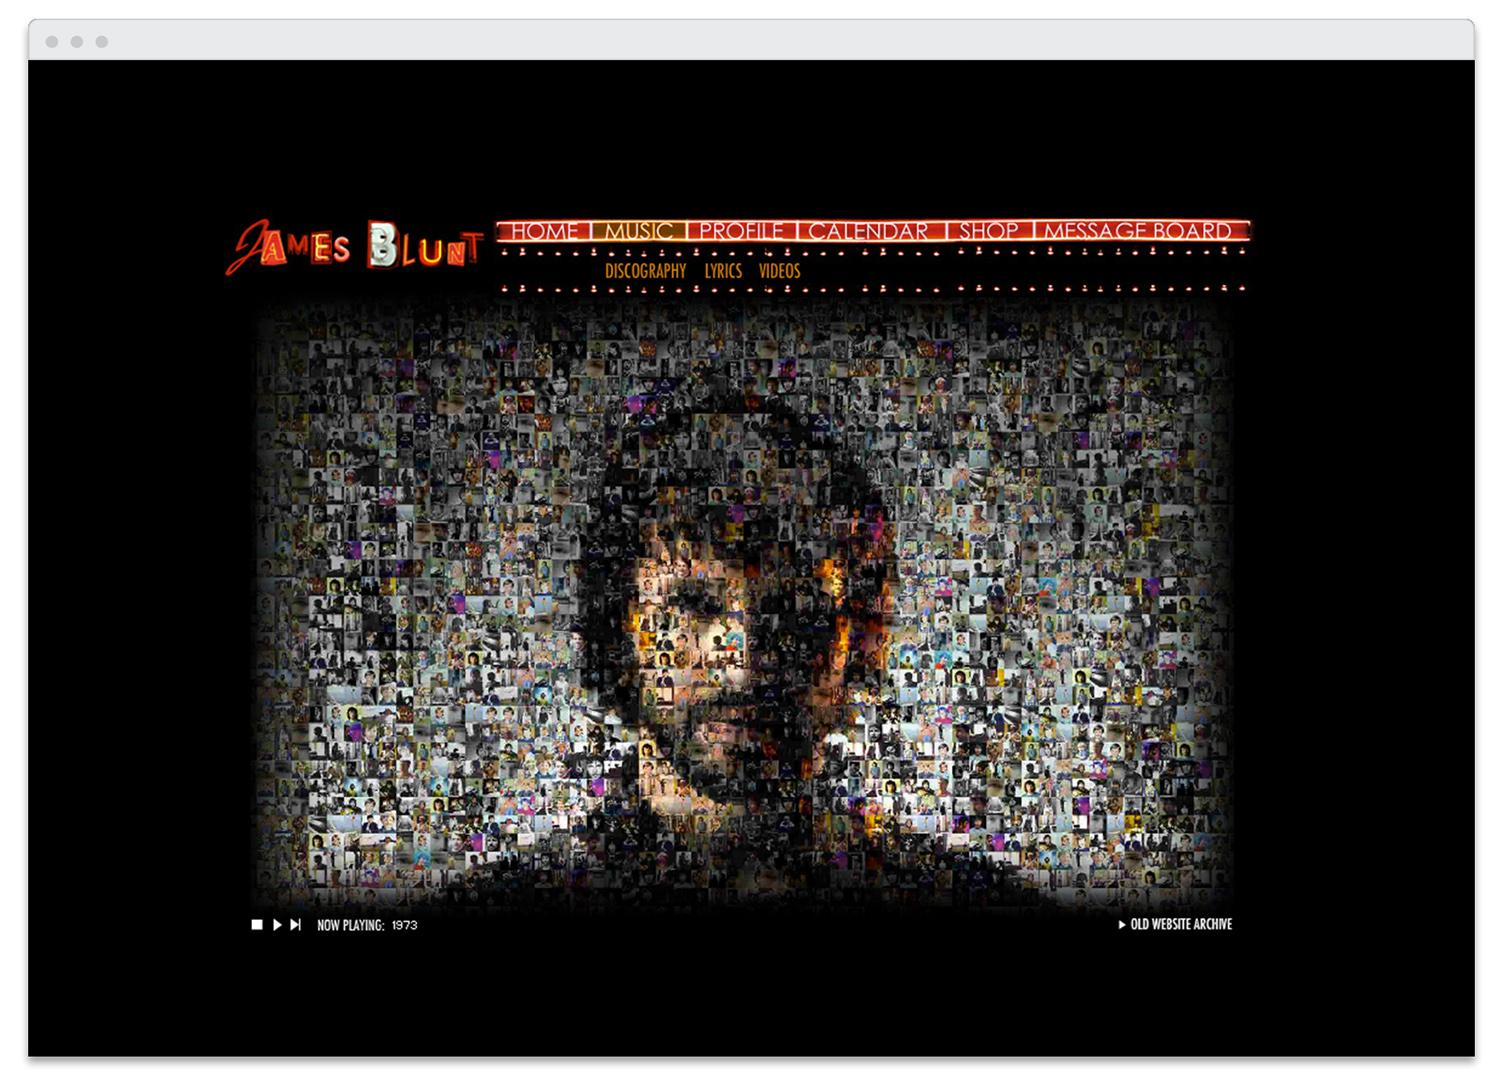 JamesBlunt_browser02